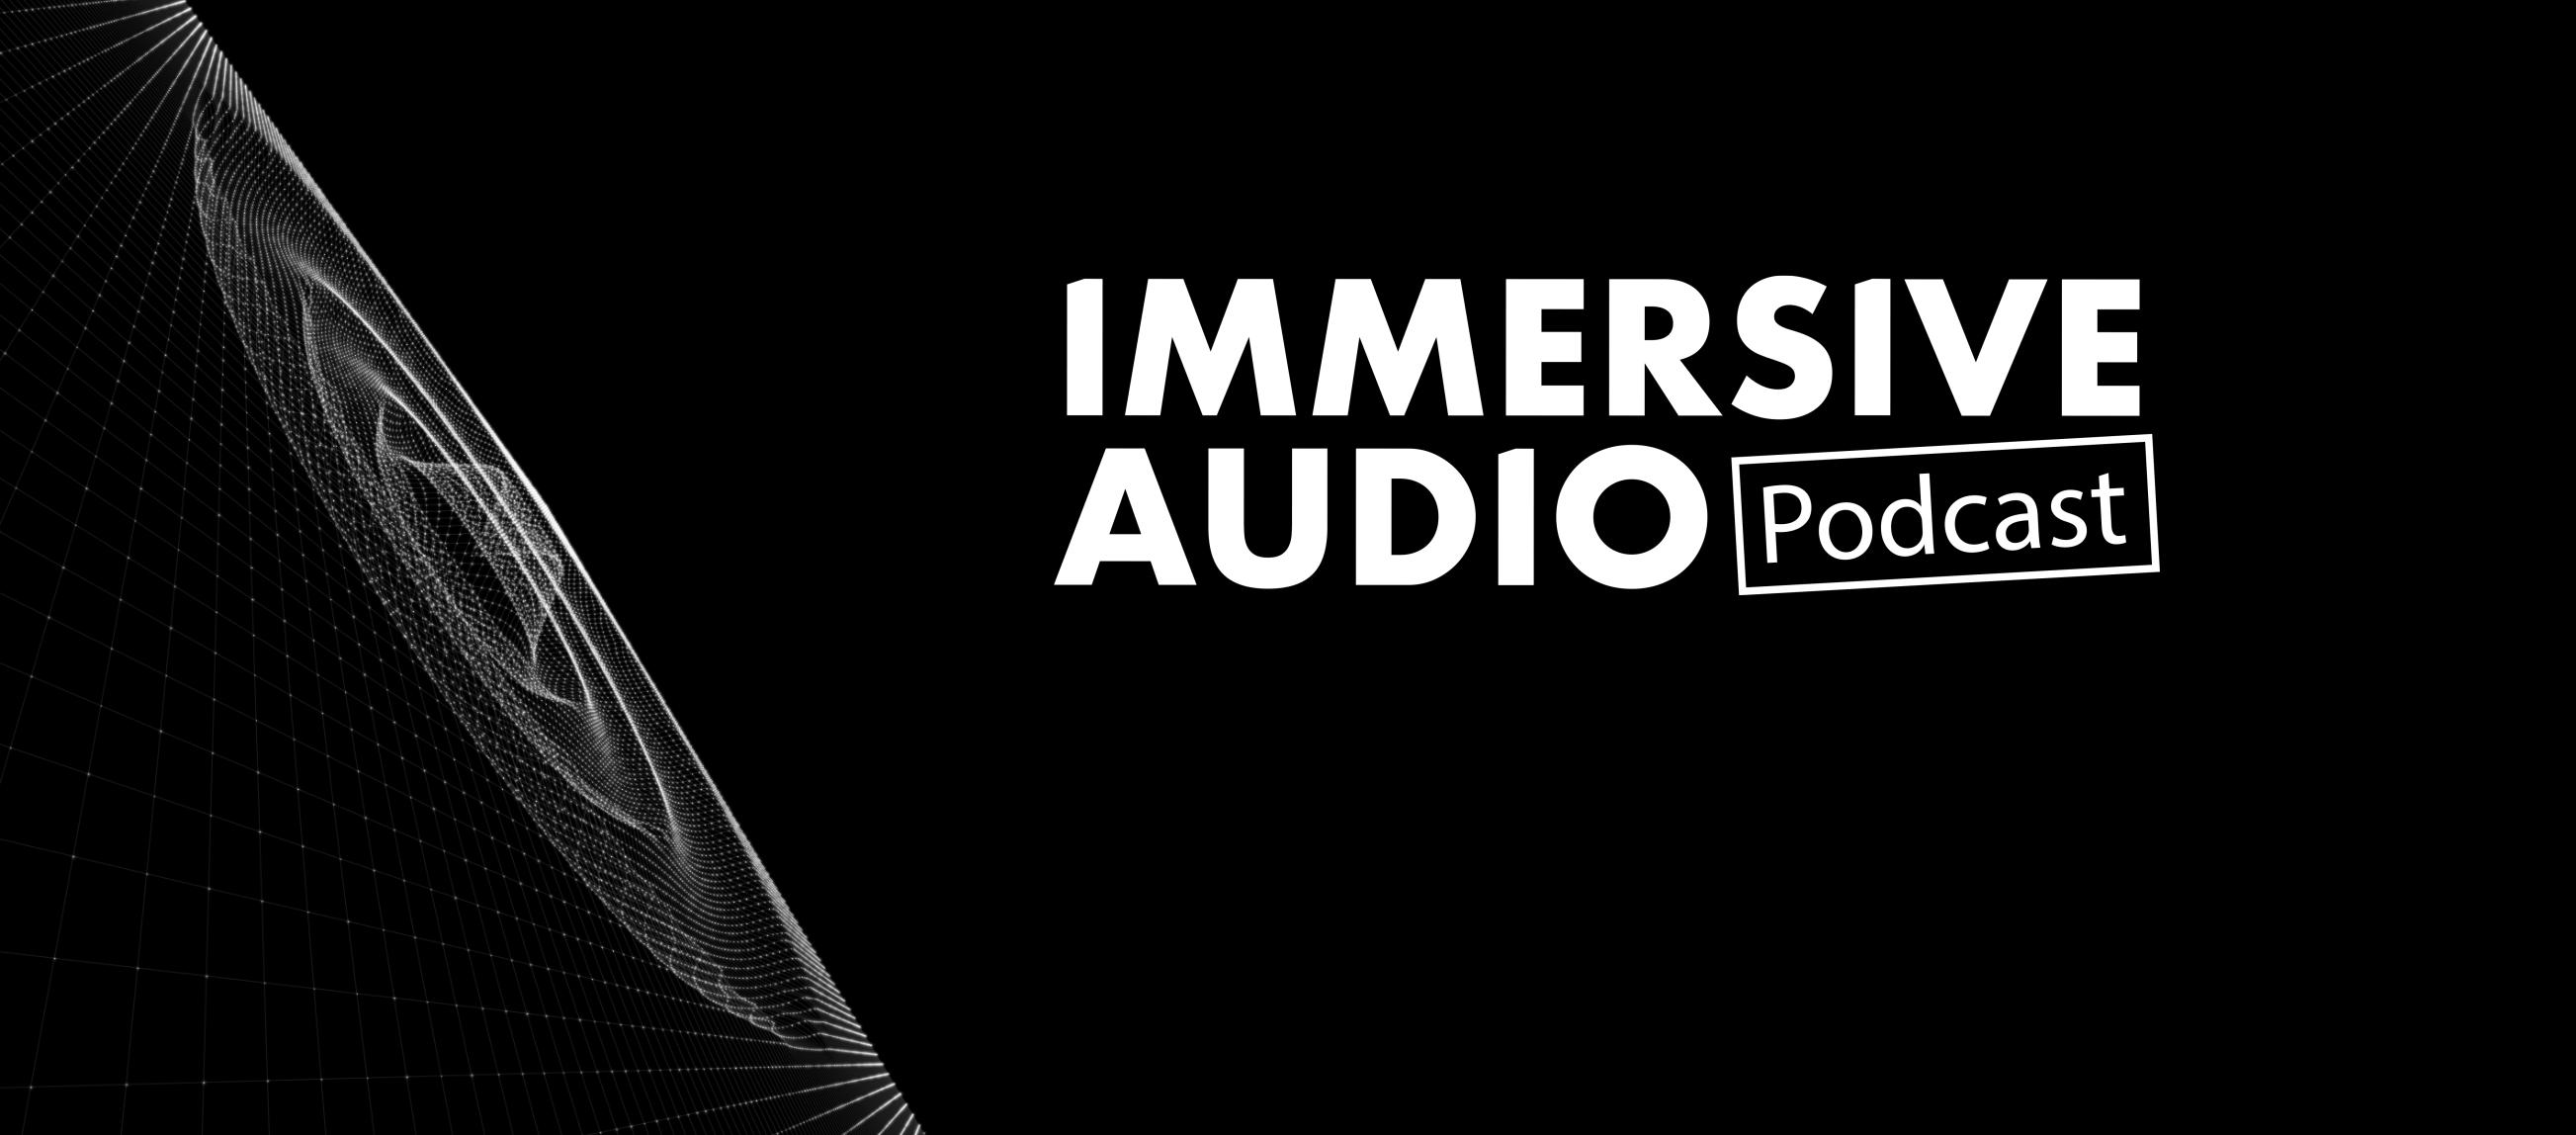 Immersive Audio Podcast Episode 39 – Helen Bellringer (Solarflare Studio)